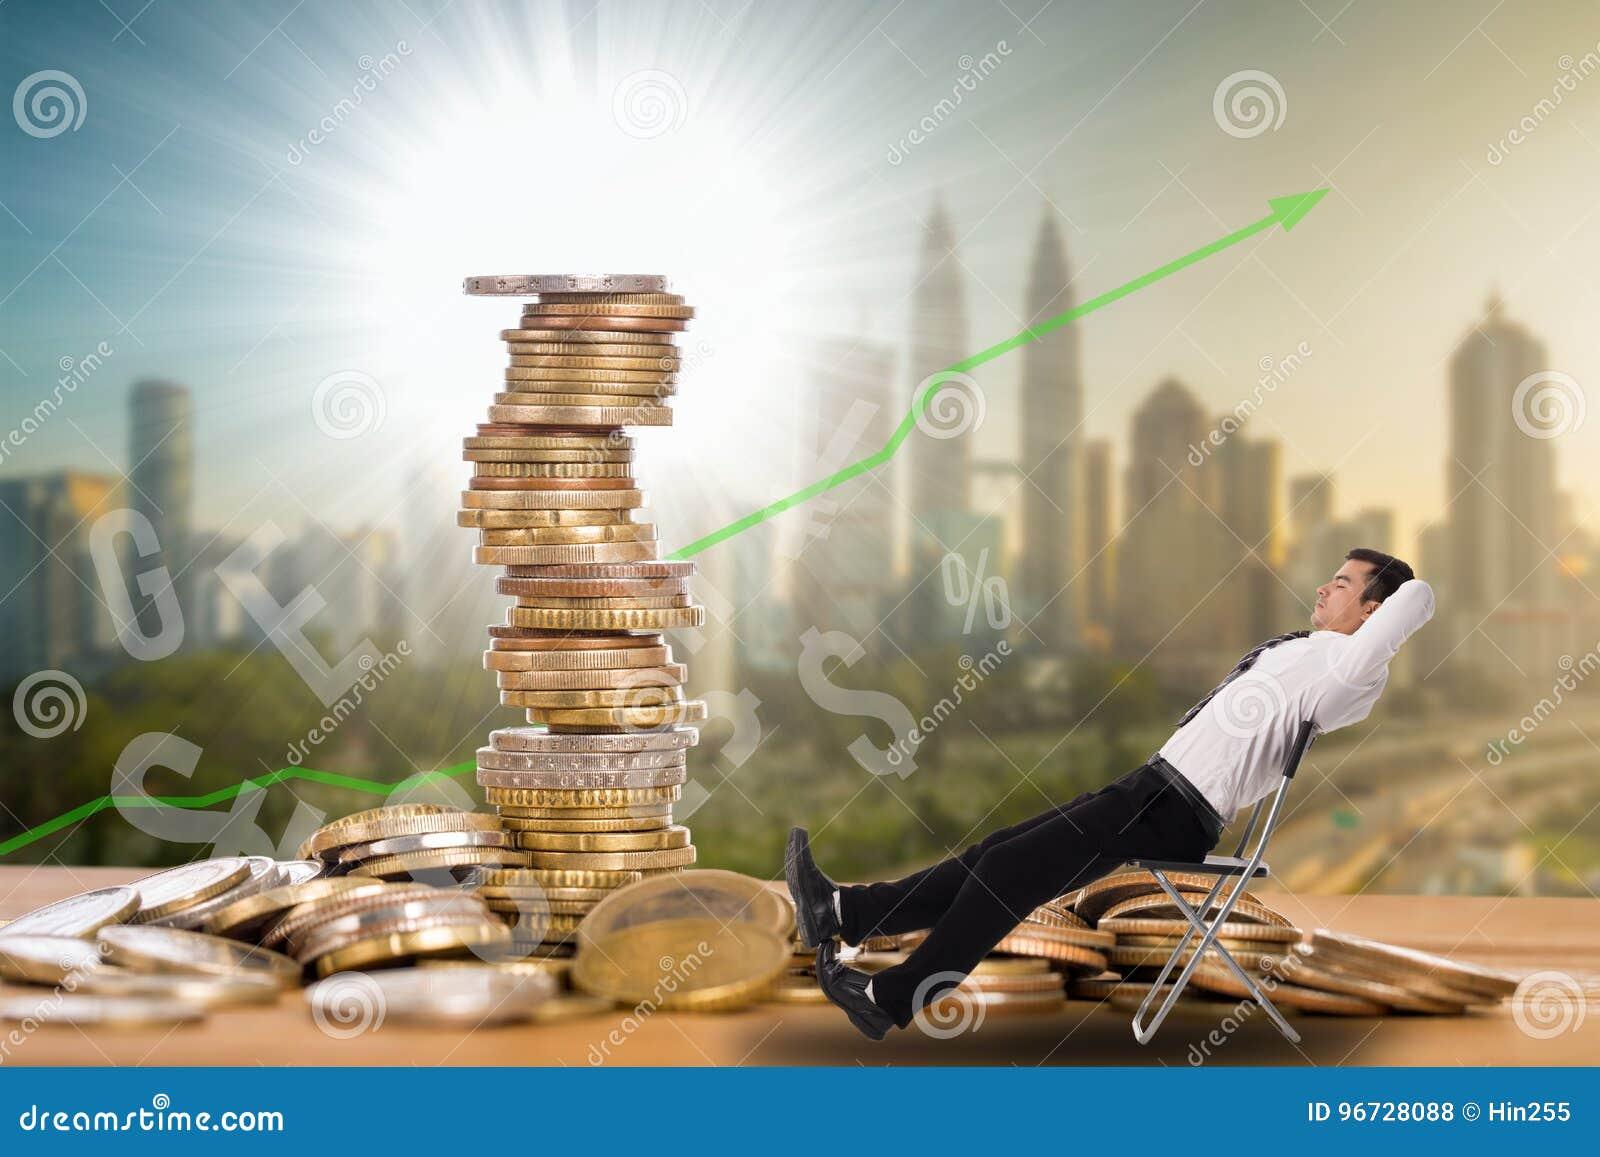 Concetto di reddito passivo